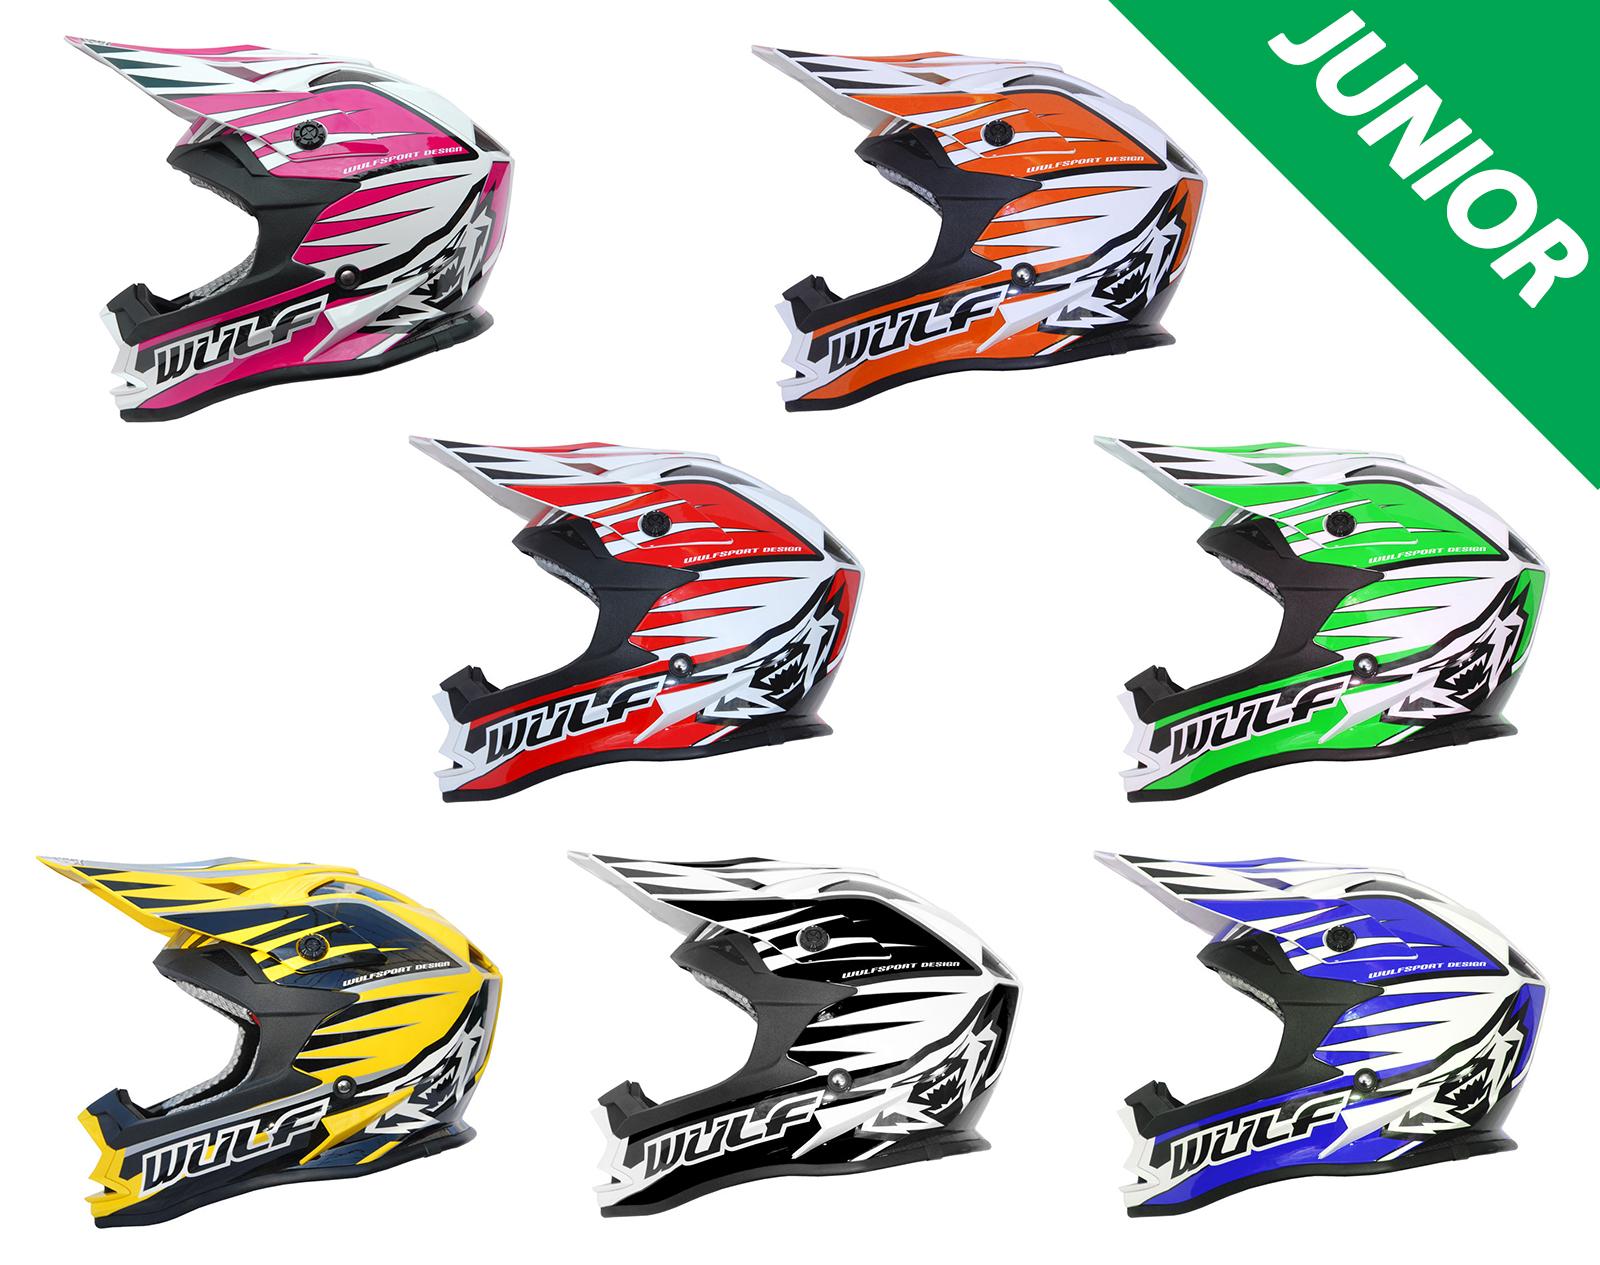 Détails Sur Wulfsport Junior Advance Motocross Mx Casque Enfants Quad Atv Ec 22 05 Acu